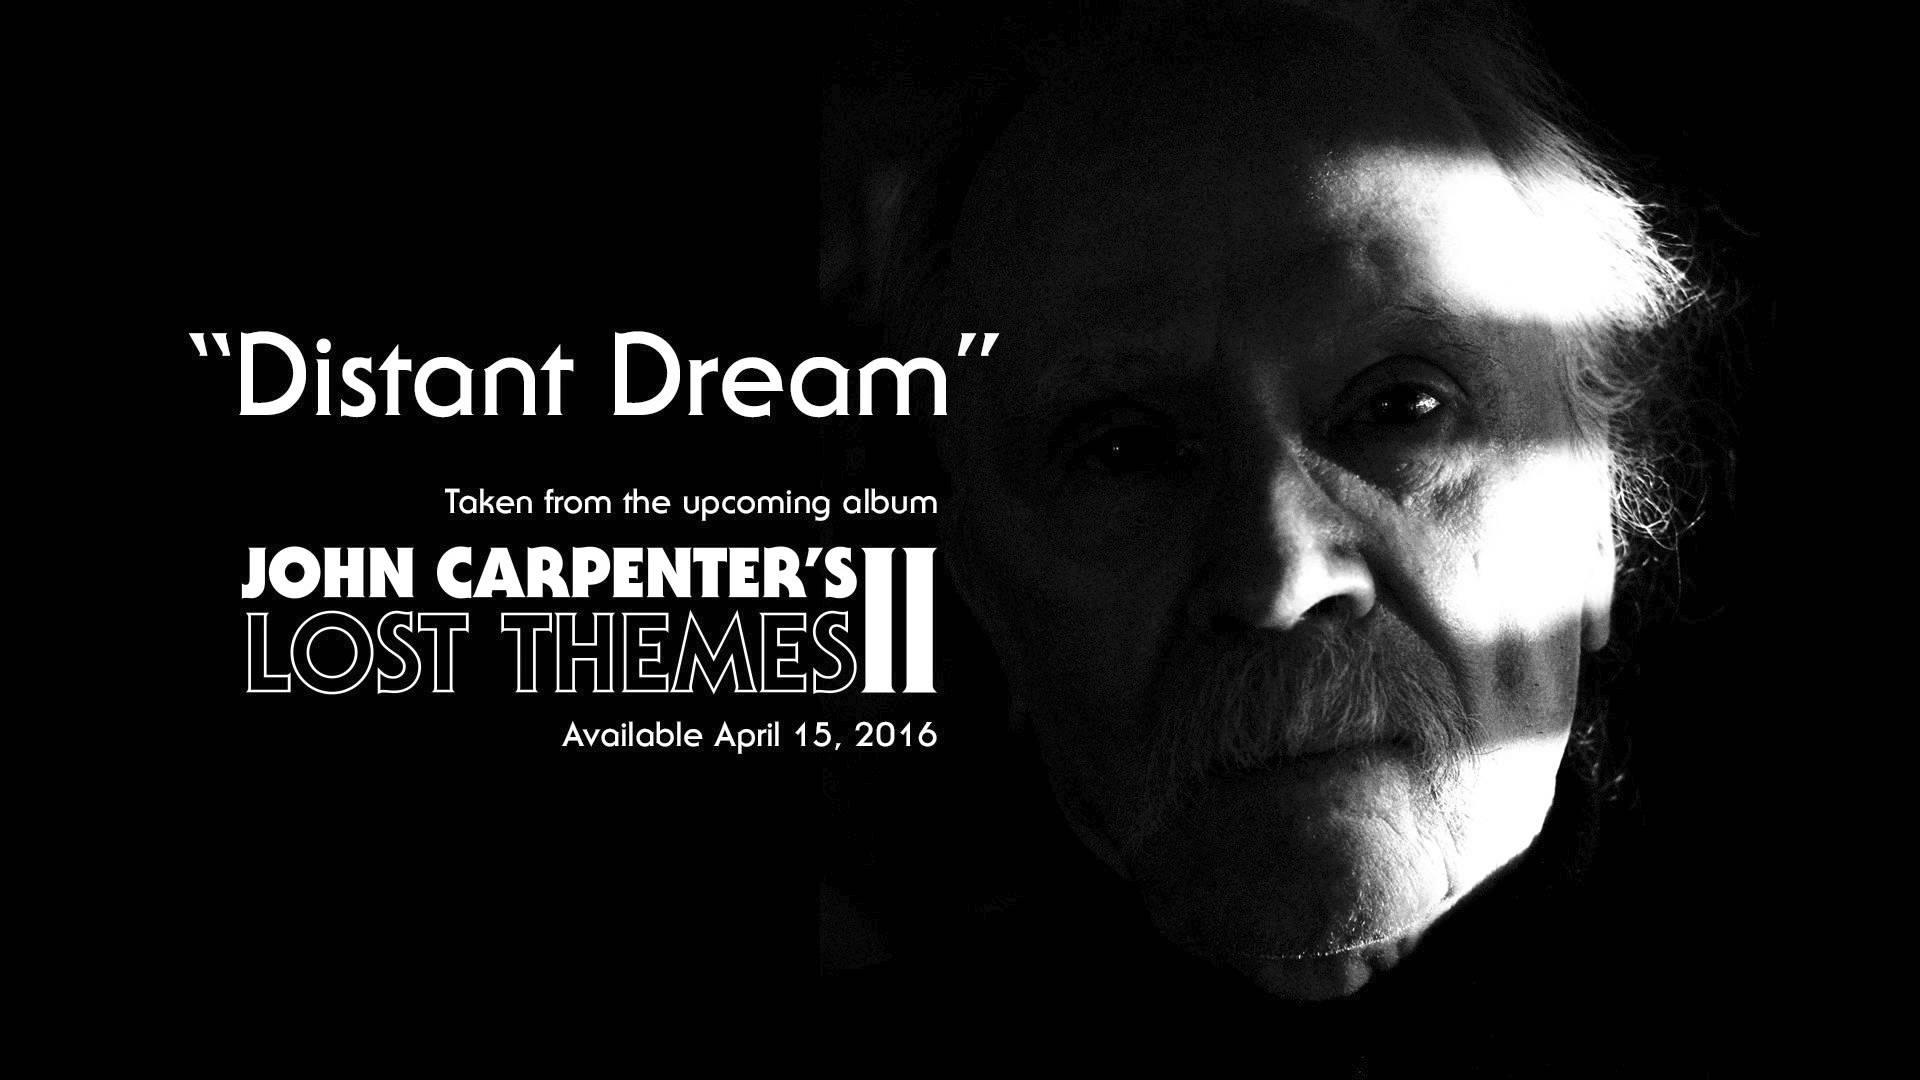 Lost Themes II il nuovo album di John Carpenter